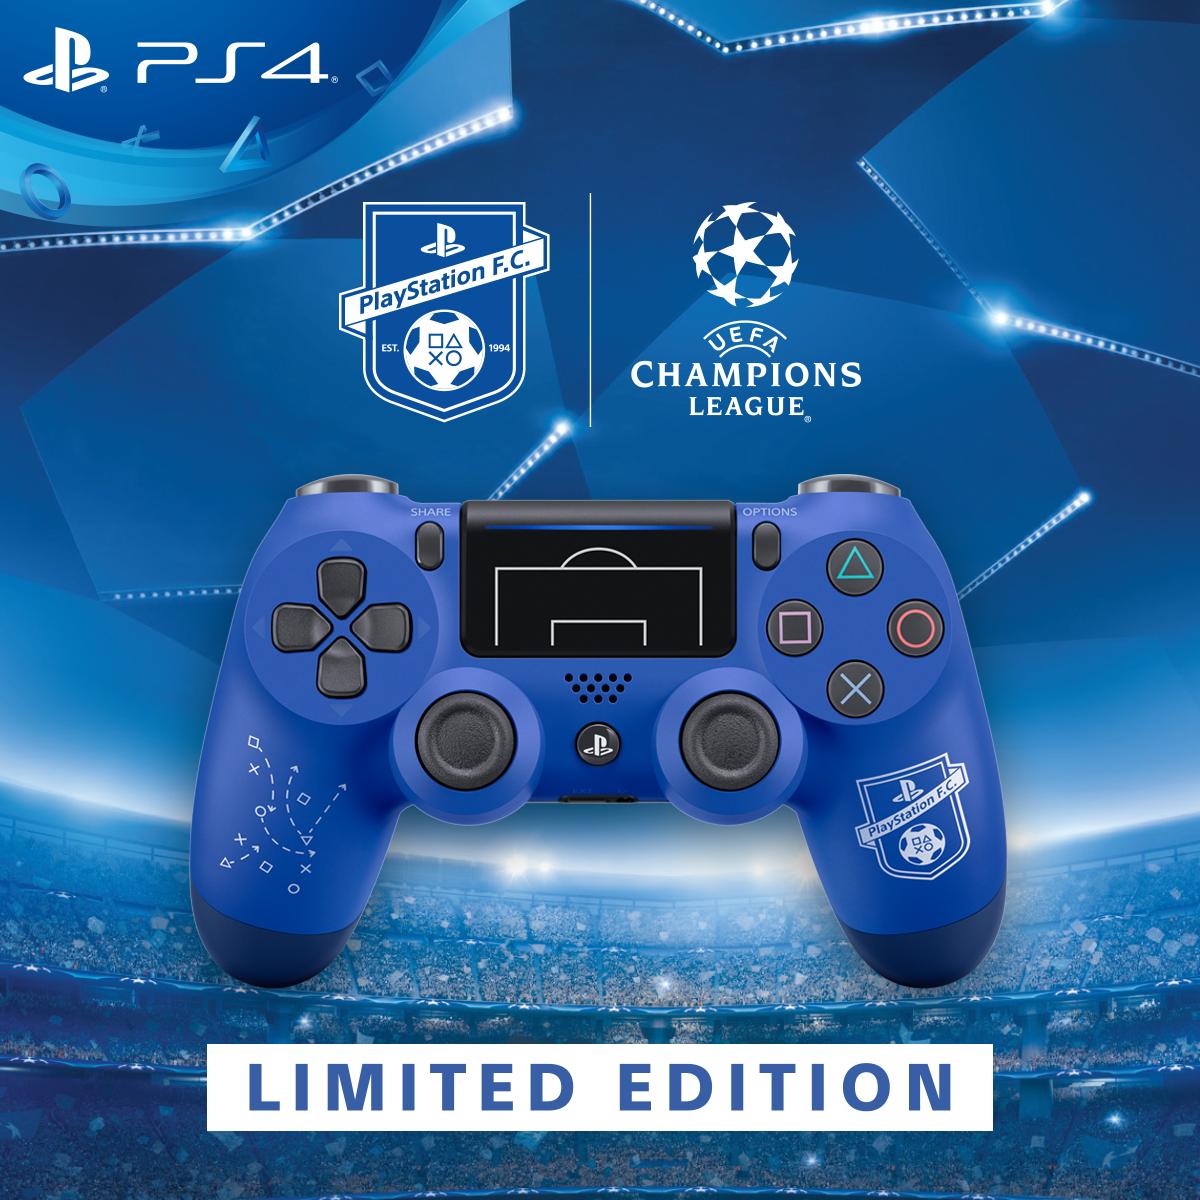 Nový vzhled DualShocku 4 má potěšit příznivce fotbalu 148253